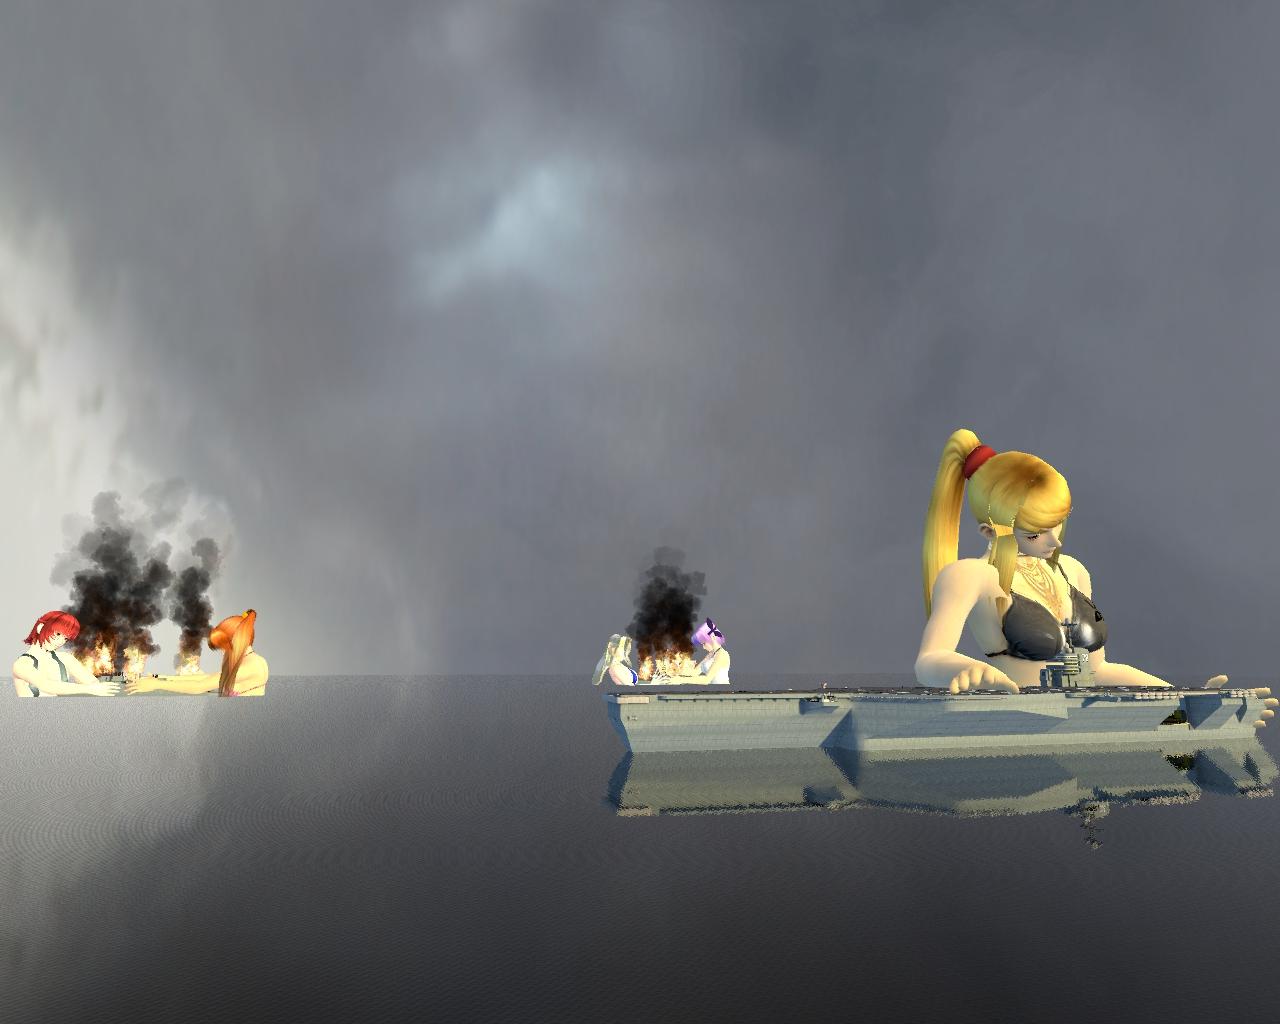 Girls vs ships